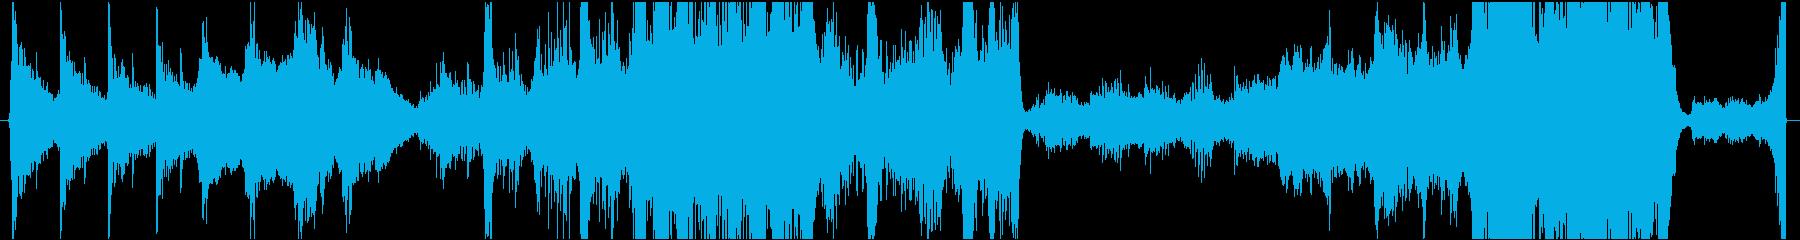 現代的 交響曲 アンビエント ファ...の再生済みの波形